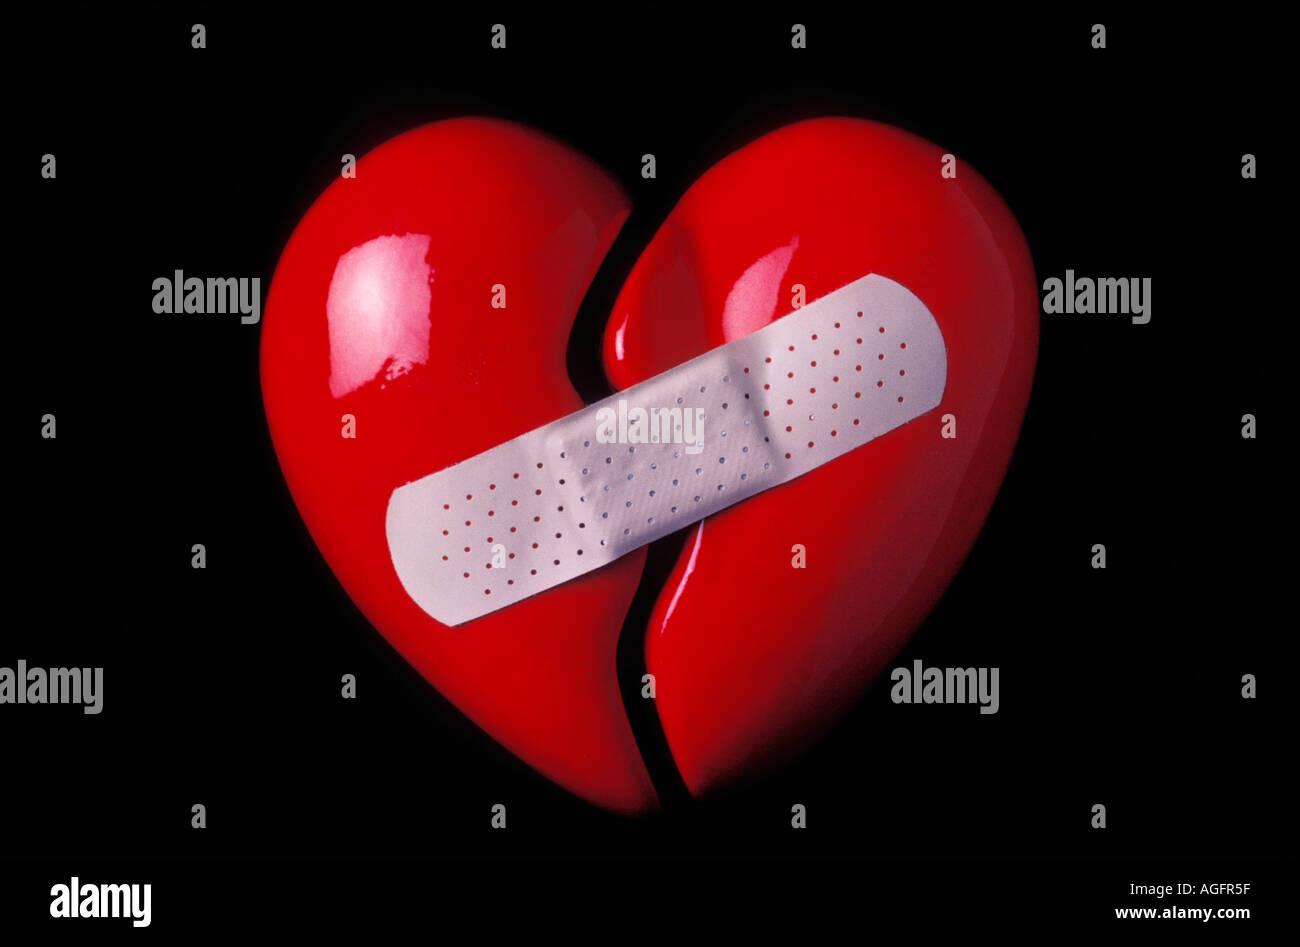 Картинка с ножом в сердце